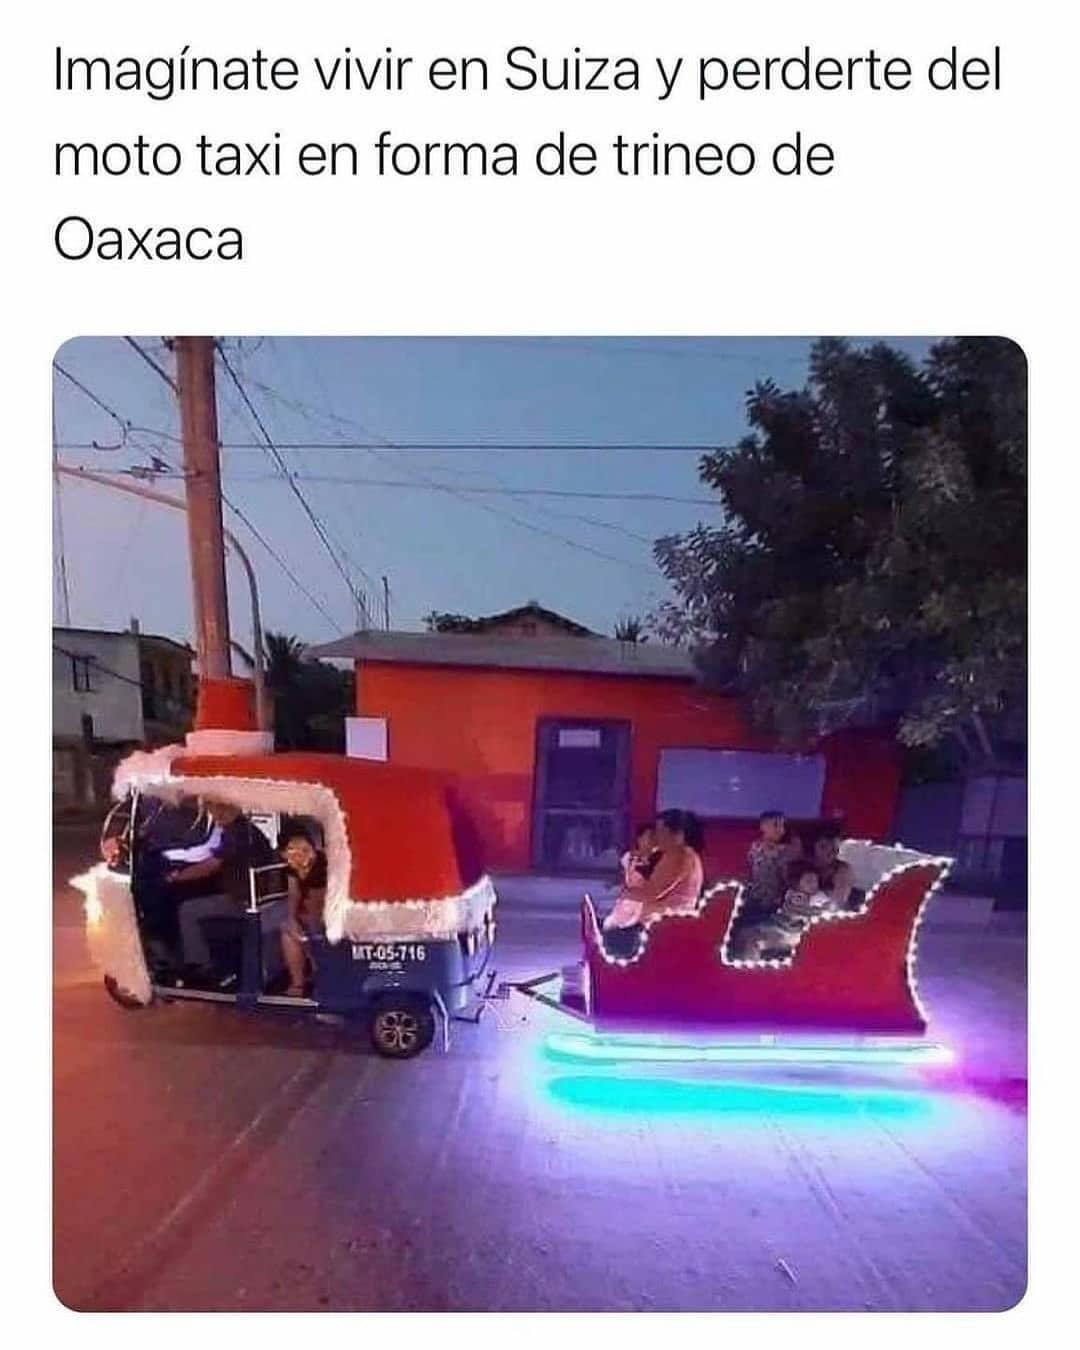 Imagínate vivir en Suiza y perderte del moto taxi en forma de trineo de Oaxaca.